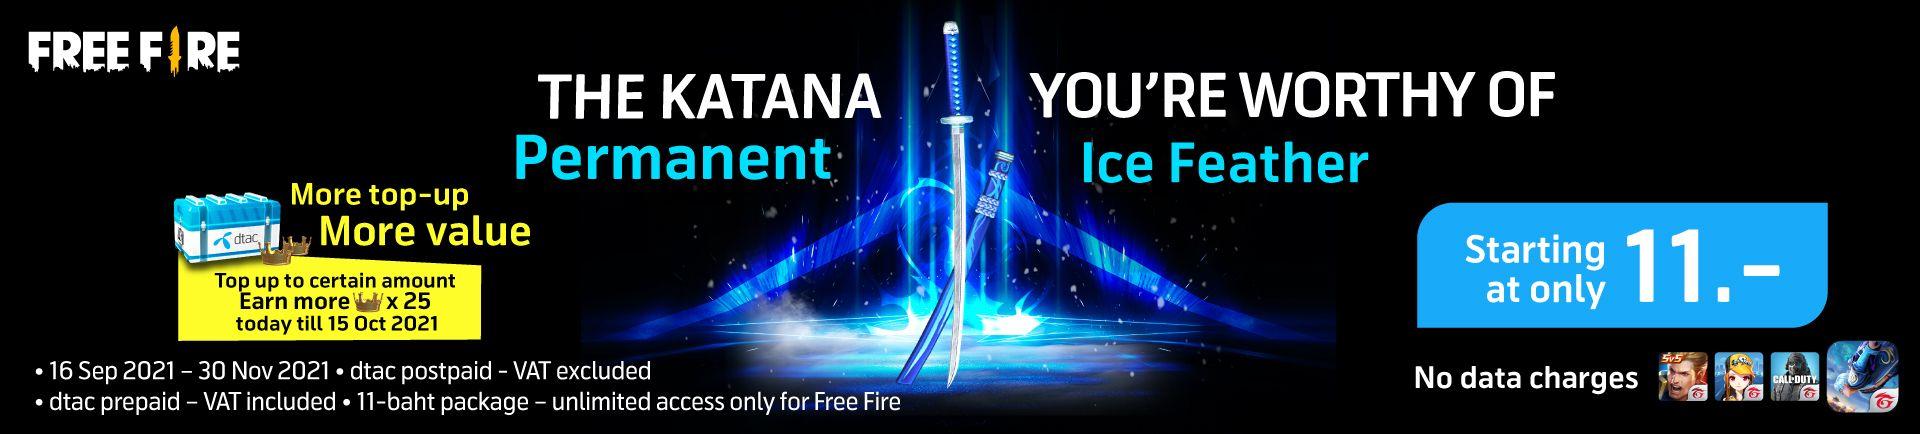 Ice Feather Katana